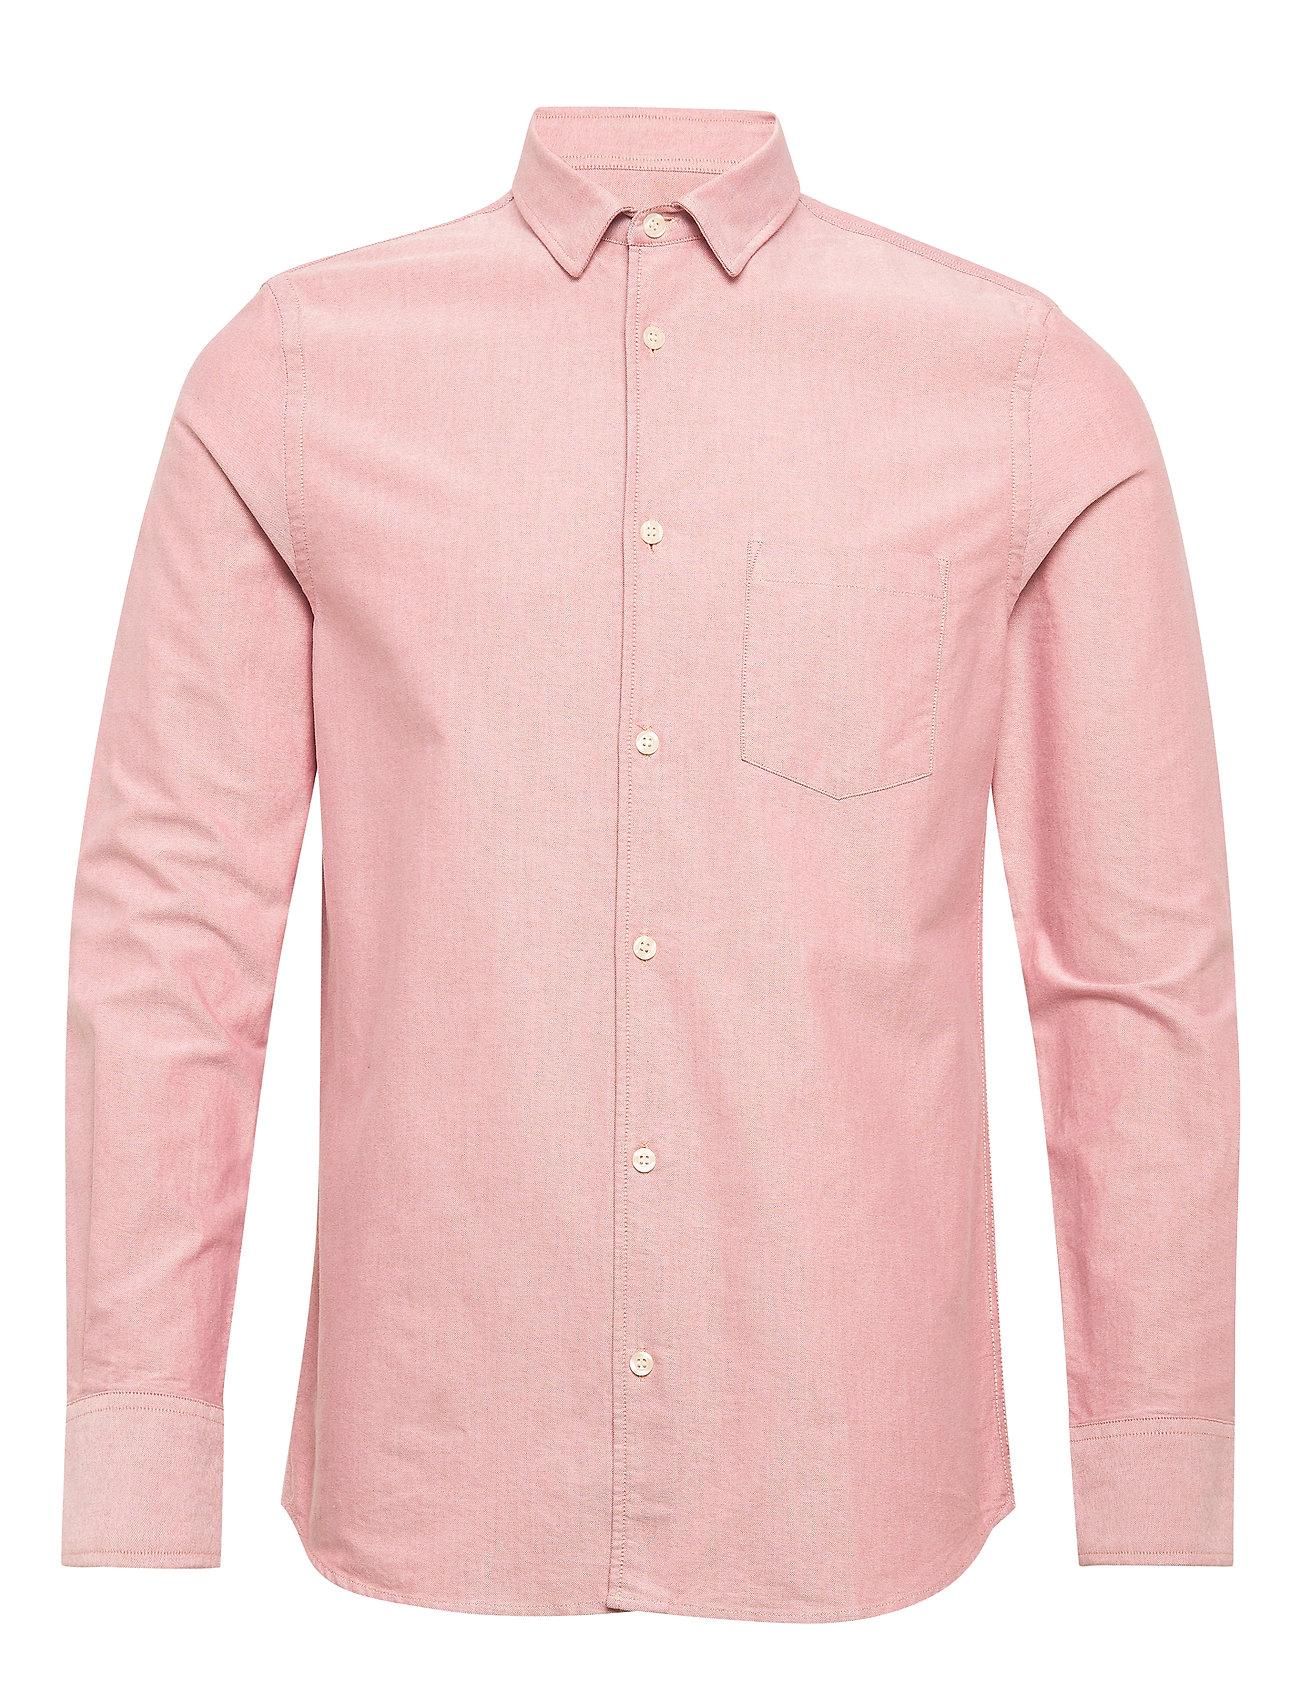 Filippa K M. Tim Oxford Shirt - PINK CEDAR